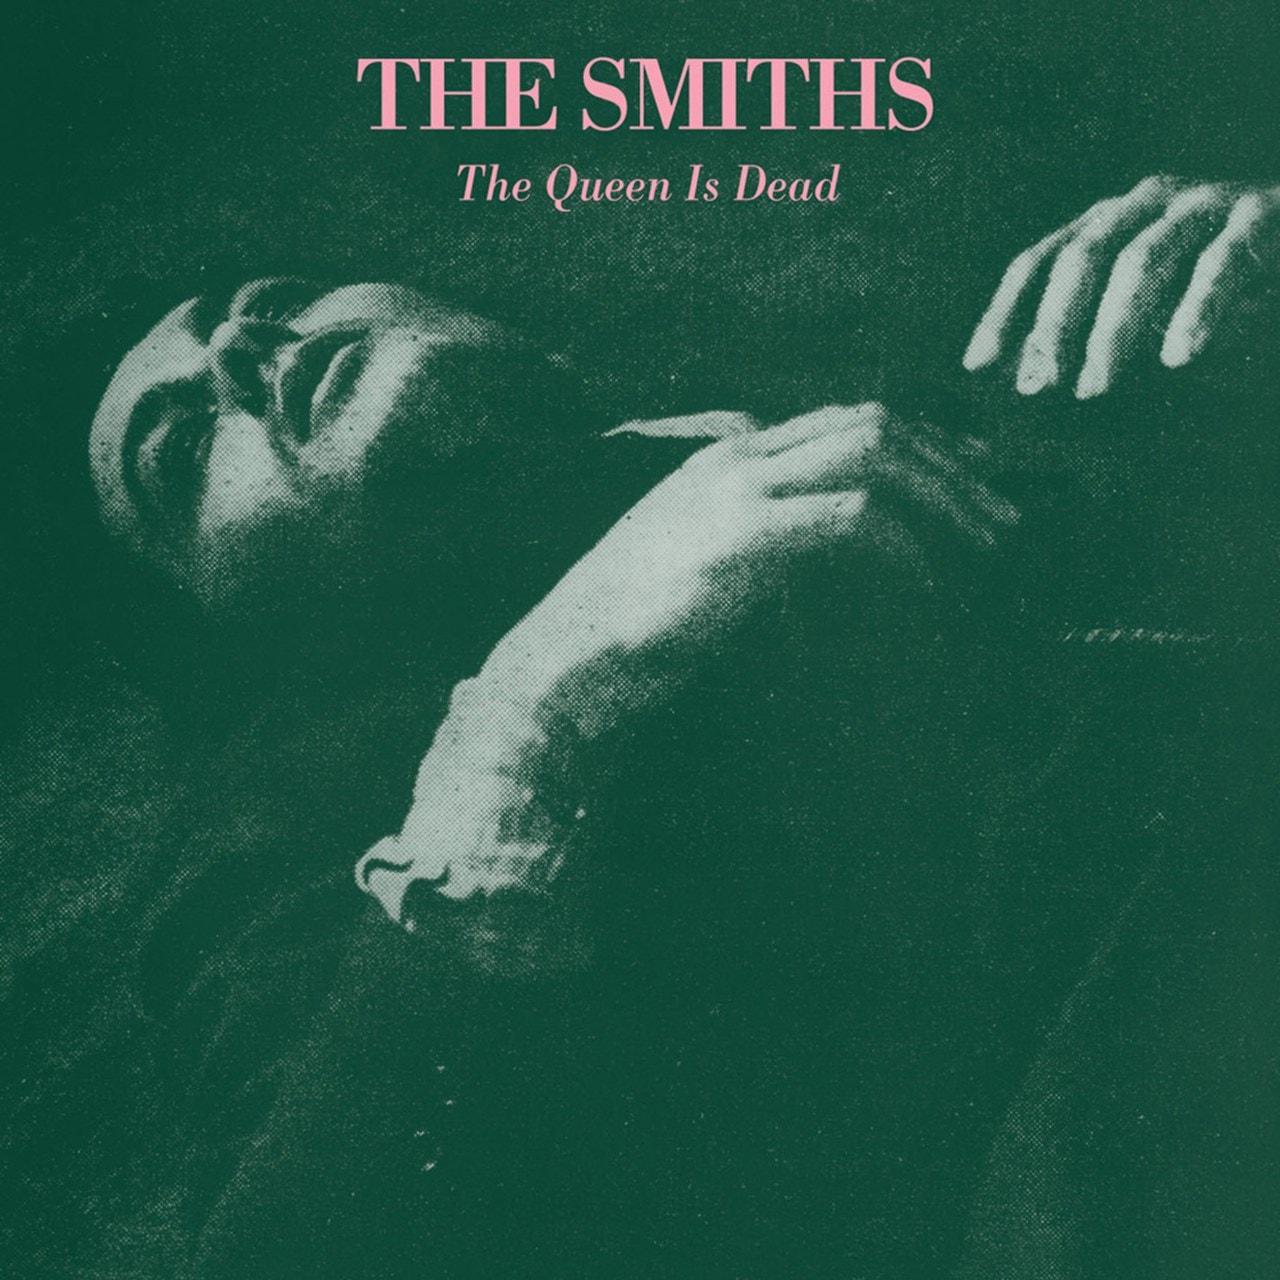 The Queen Is Dead - 1